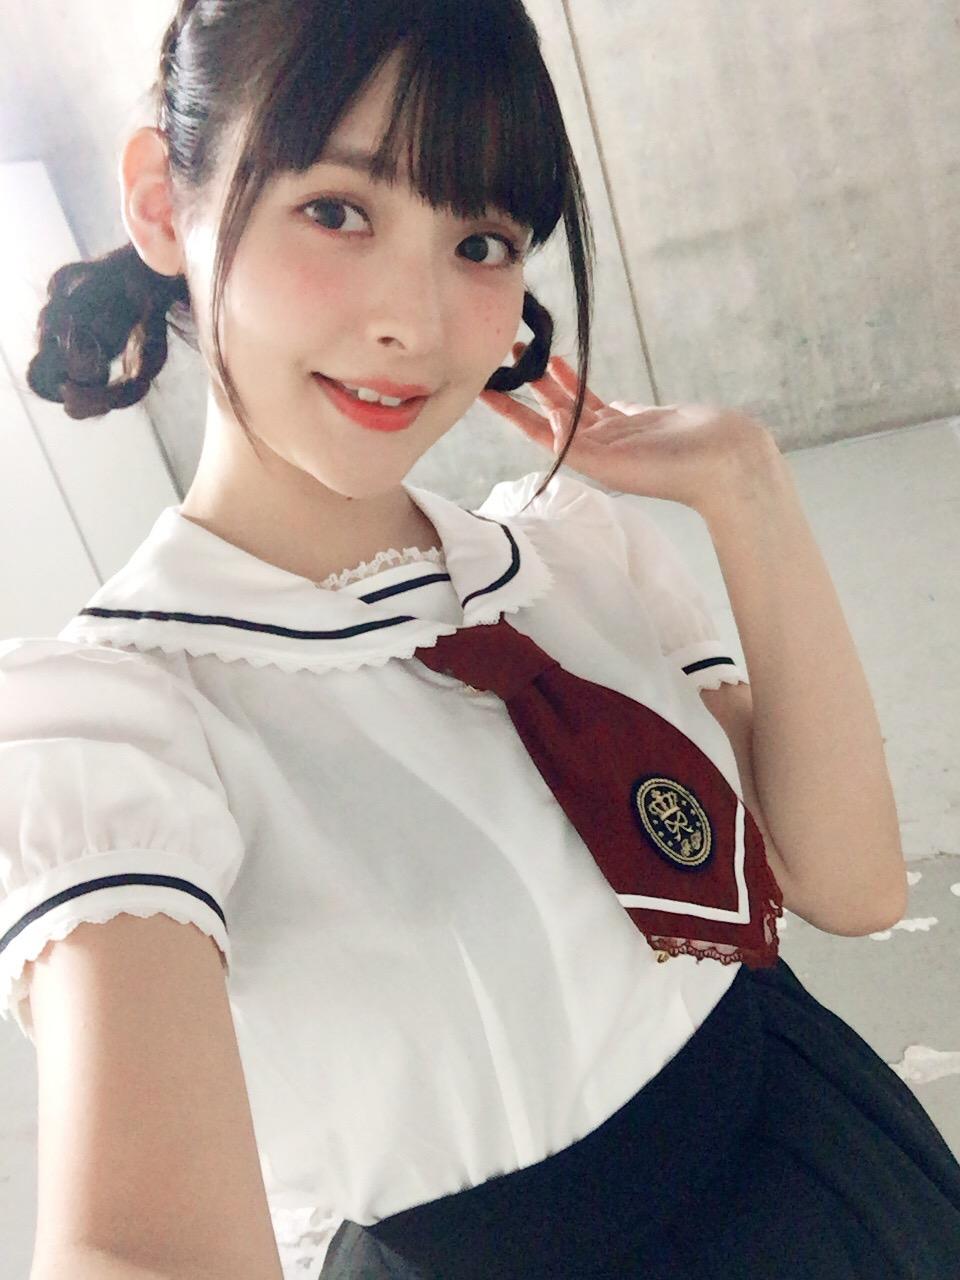 성우 우에사카 스미레의 사진, 함대 컬렉션의 관함식..